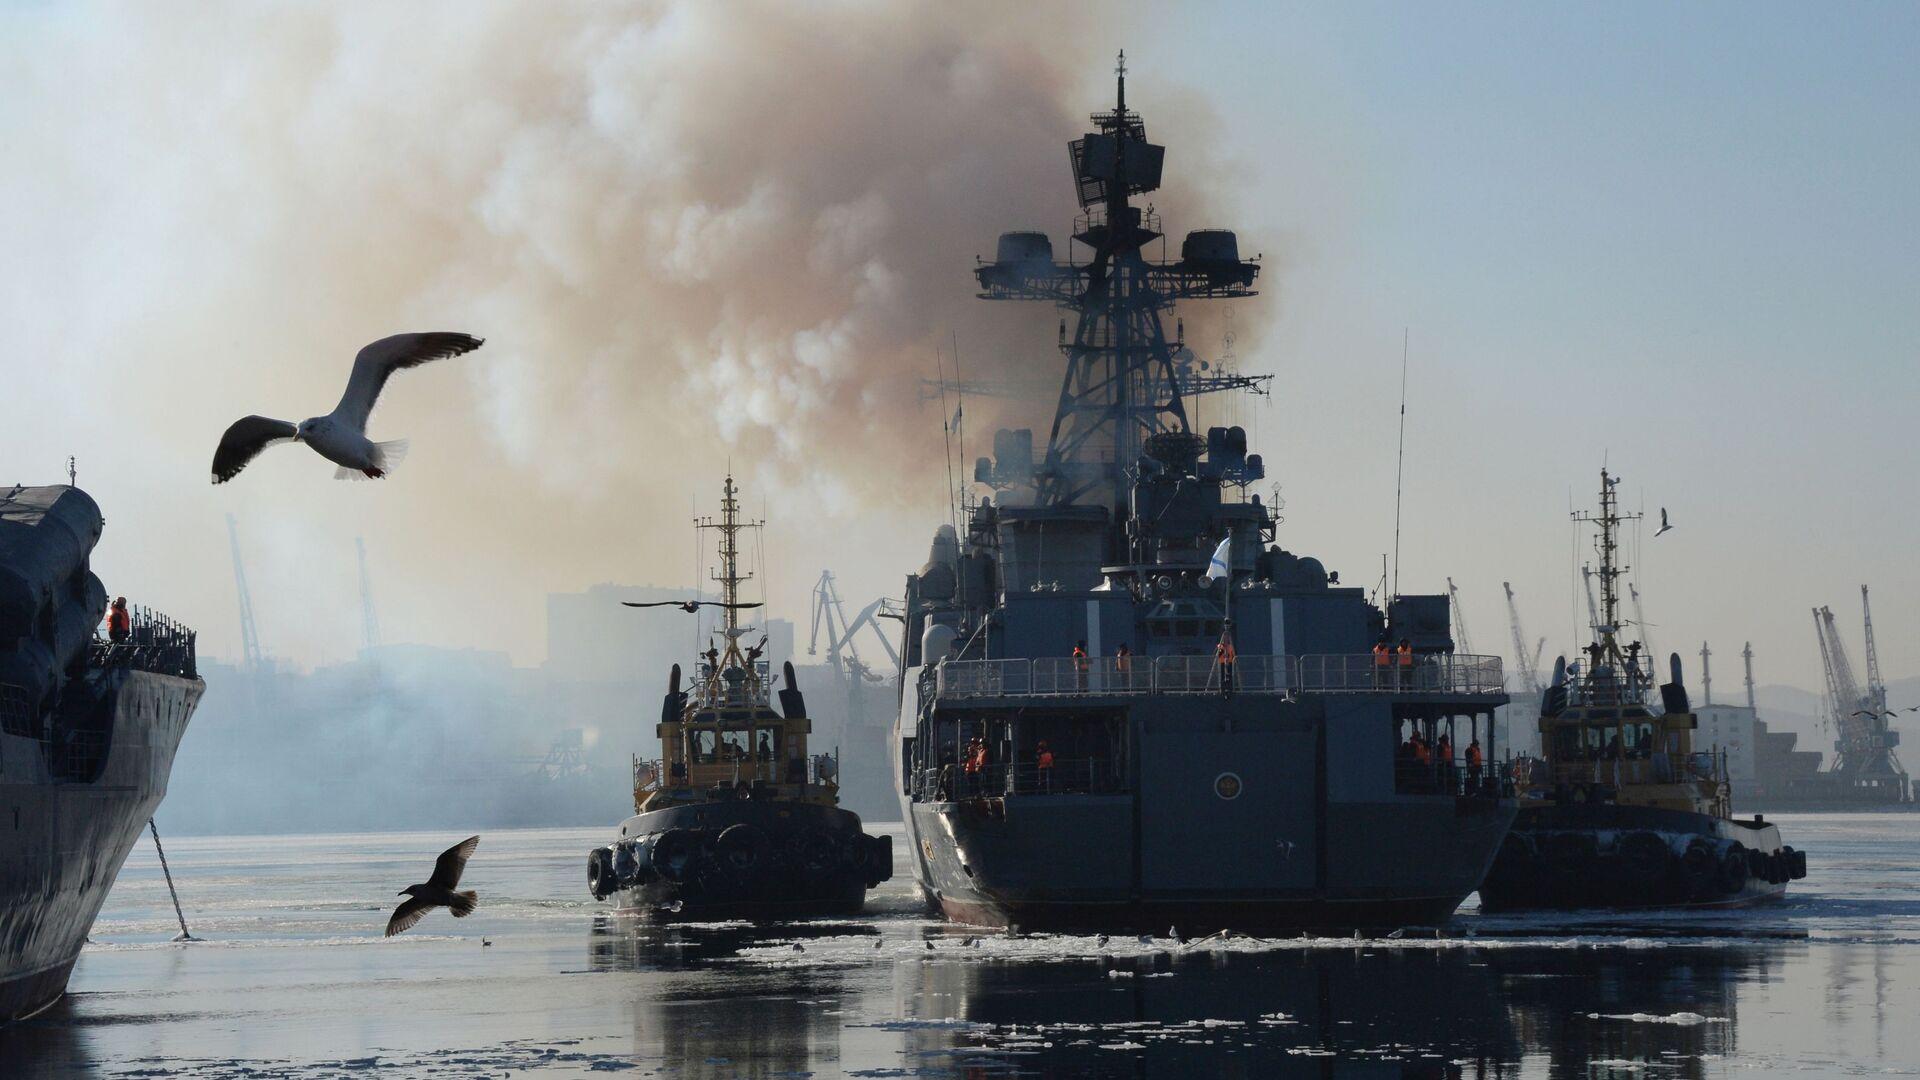 """Đại chiến hạm chống tàu ngầm  """"Đô đốc Tributs"""" của Hạm đội Thái Bình Dương neo đậu tại Vladivostok - Sputnik Việt Nam, 1920, 11.10.2021"""